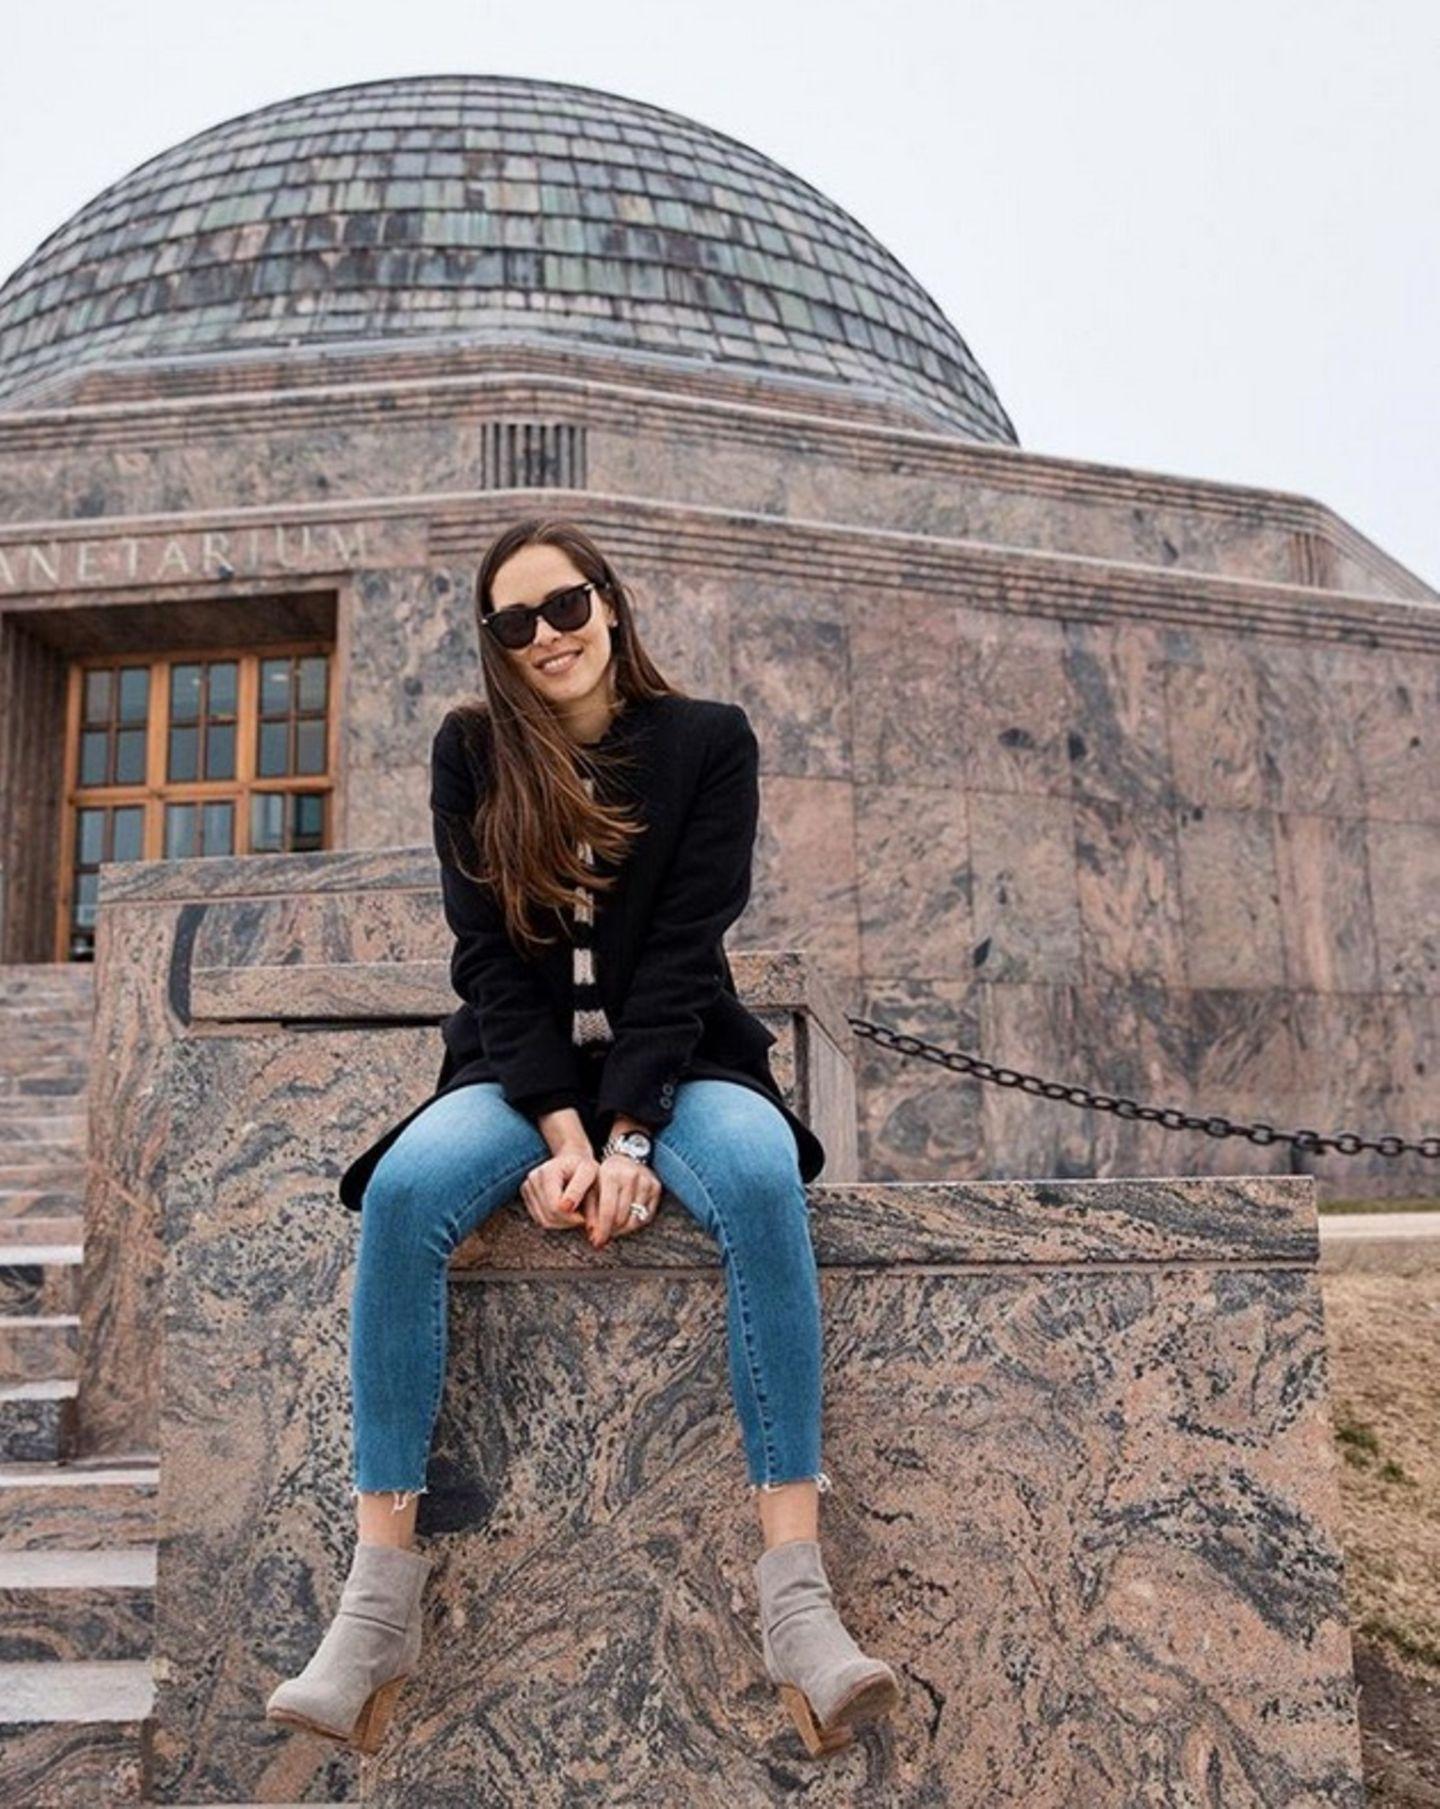 Auch an kühlen und regnerischen Sommertagen in Chicago bleibt Ana Ivanovic ihrem Casual Look treu. In Skinny Jeans, Streifen-Pulli und Boots posiert die hübsche Serbin für ihre Instagram-Fans.